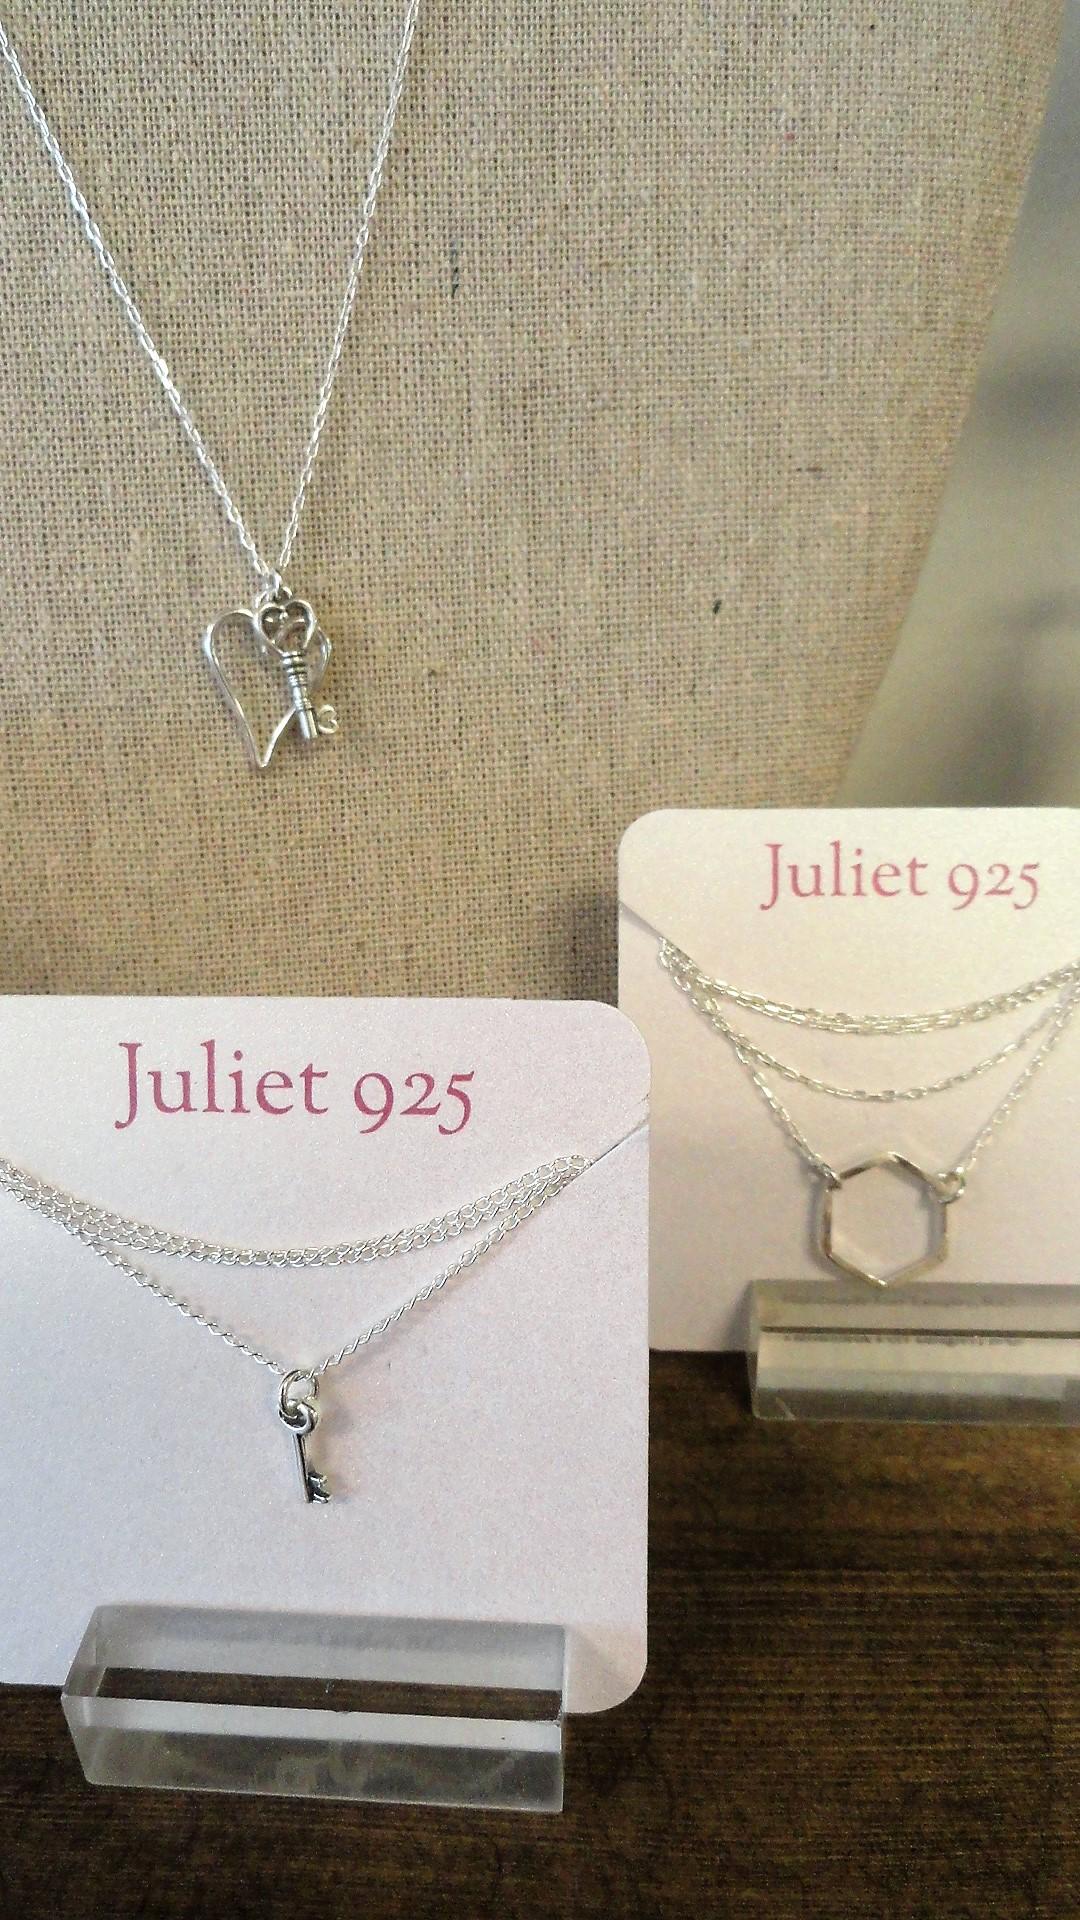 Juliet 925